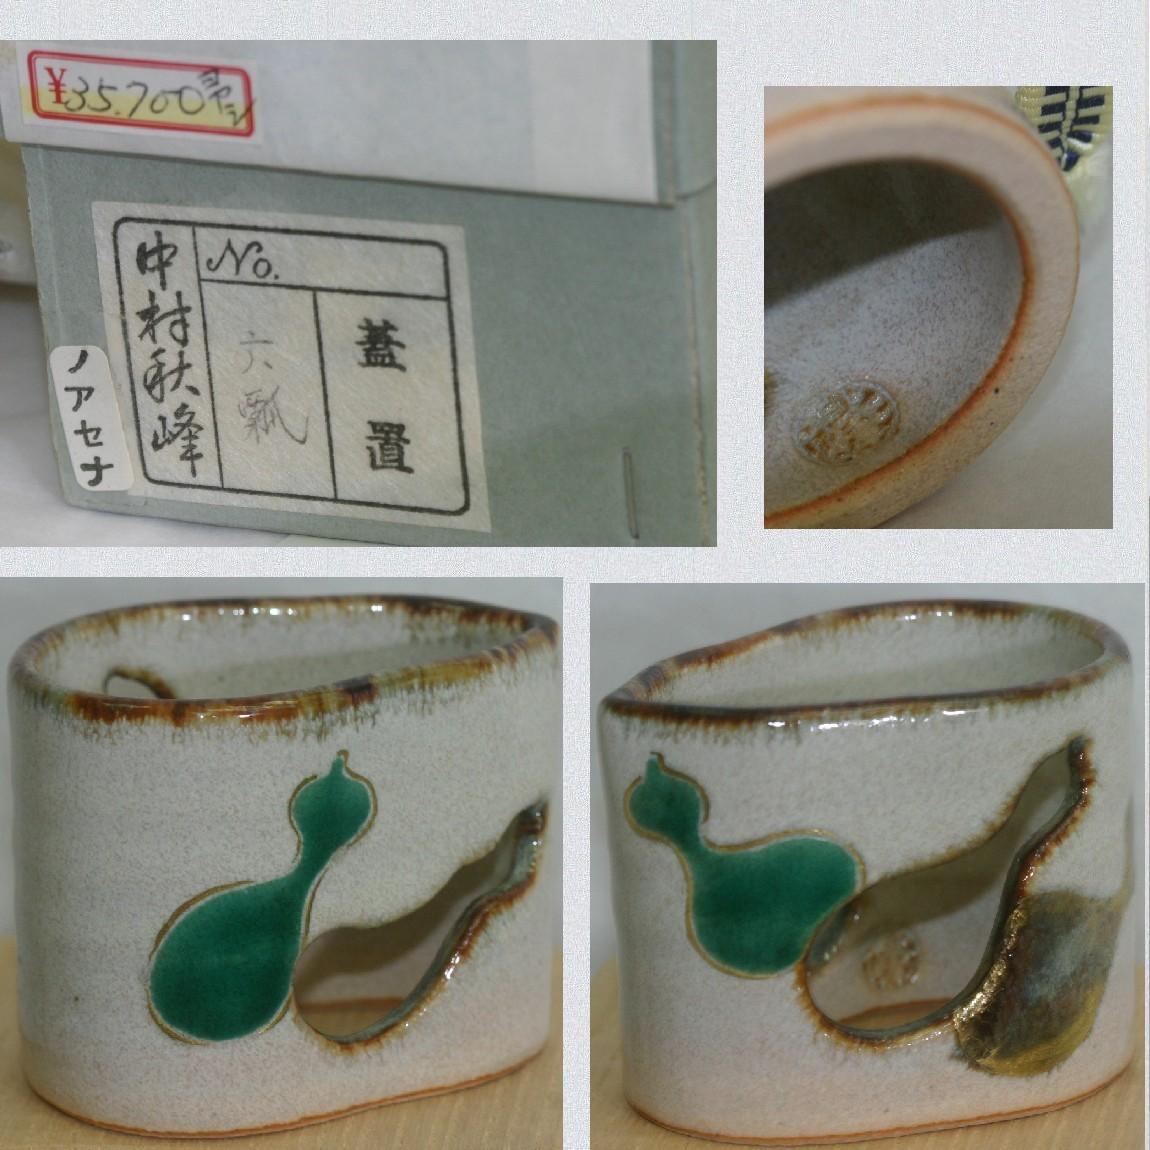 【中古】長期保管未使用中村秋峰作販売価格37500円の陶器製の彫り抜き蓋置き茶道具